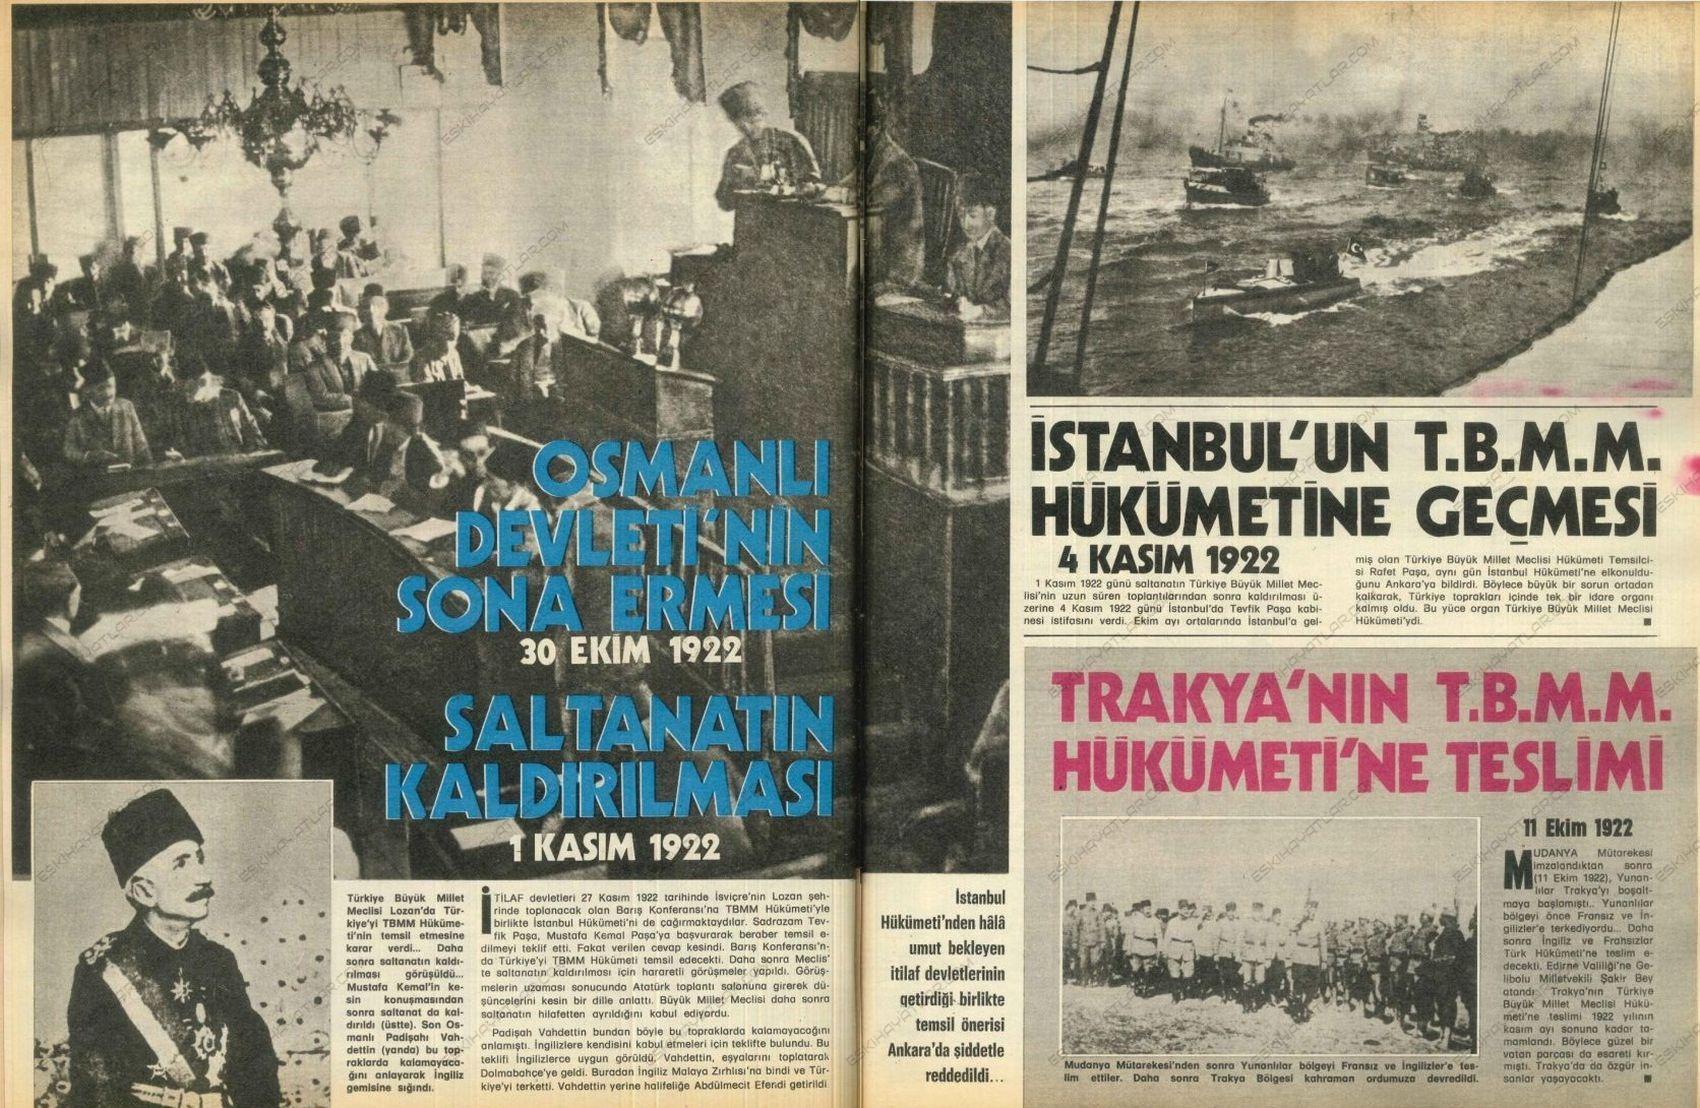 0650-mustafa-kemal-ataturk-istiklal-savasi-fotograflari-cumhuriyet-ilani-buyuk-taarruz-1983-hayat-dergisi-ozel-ekleri (31)